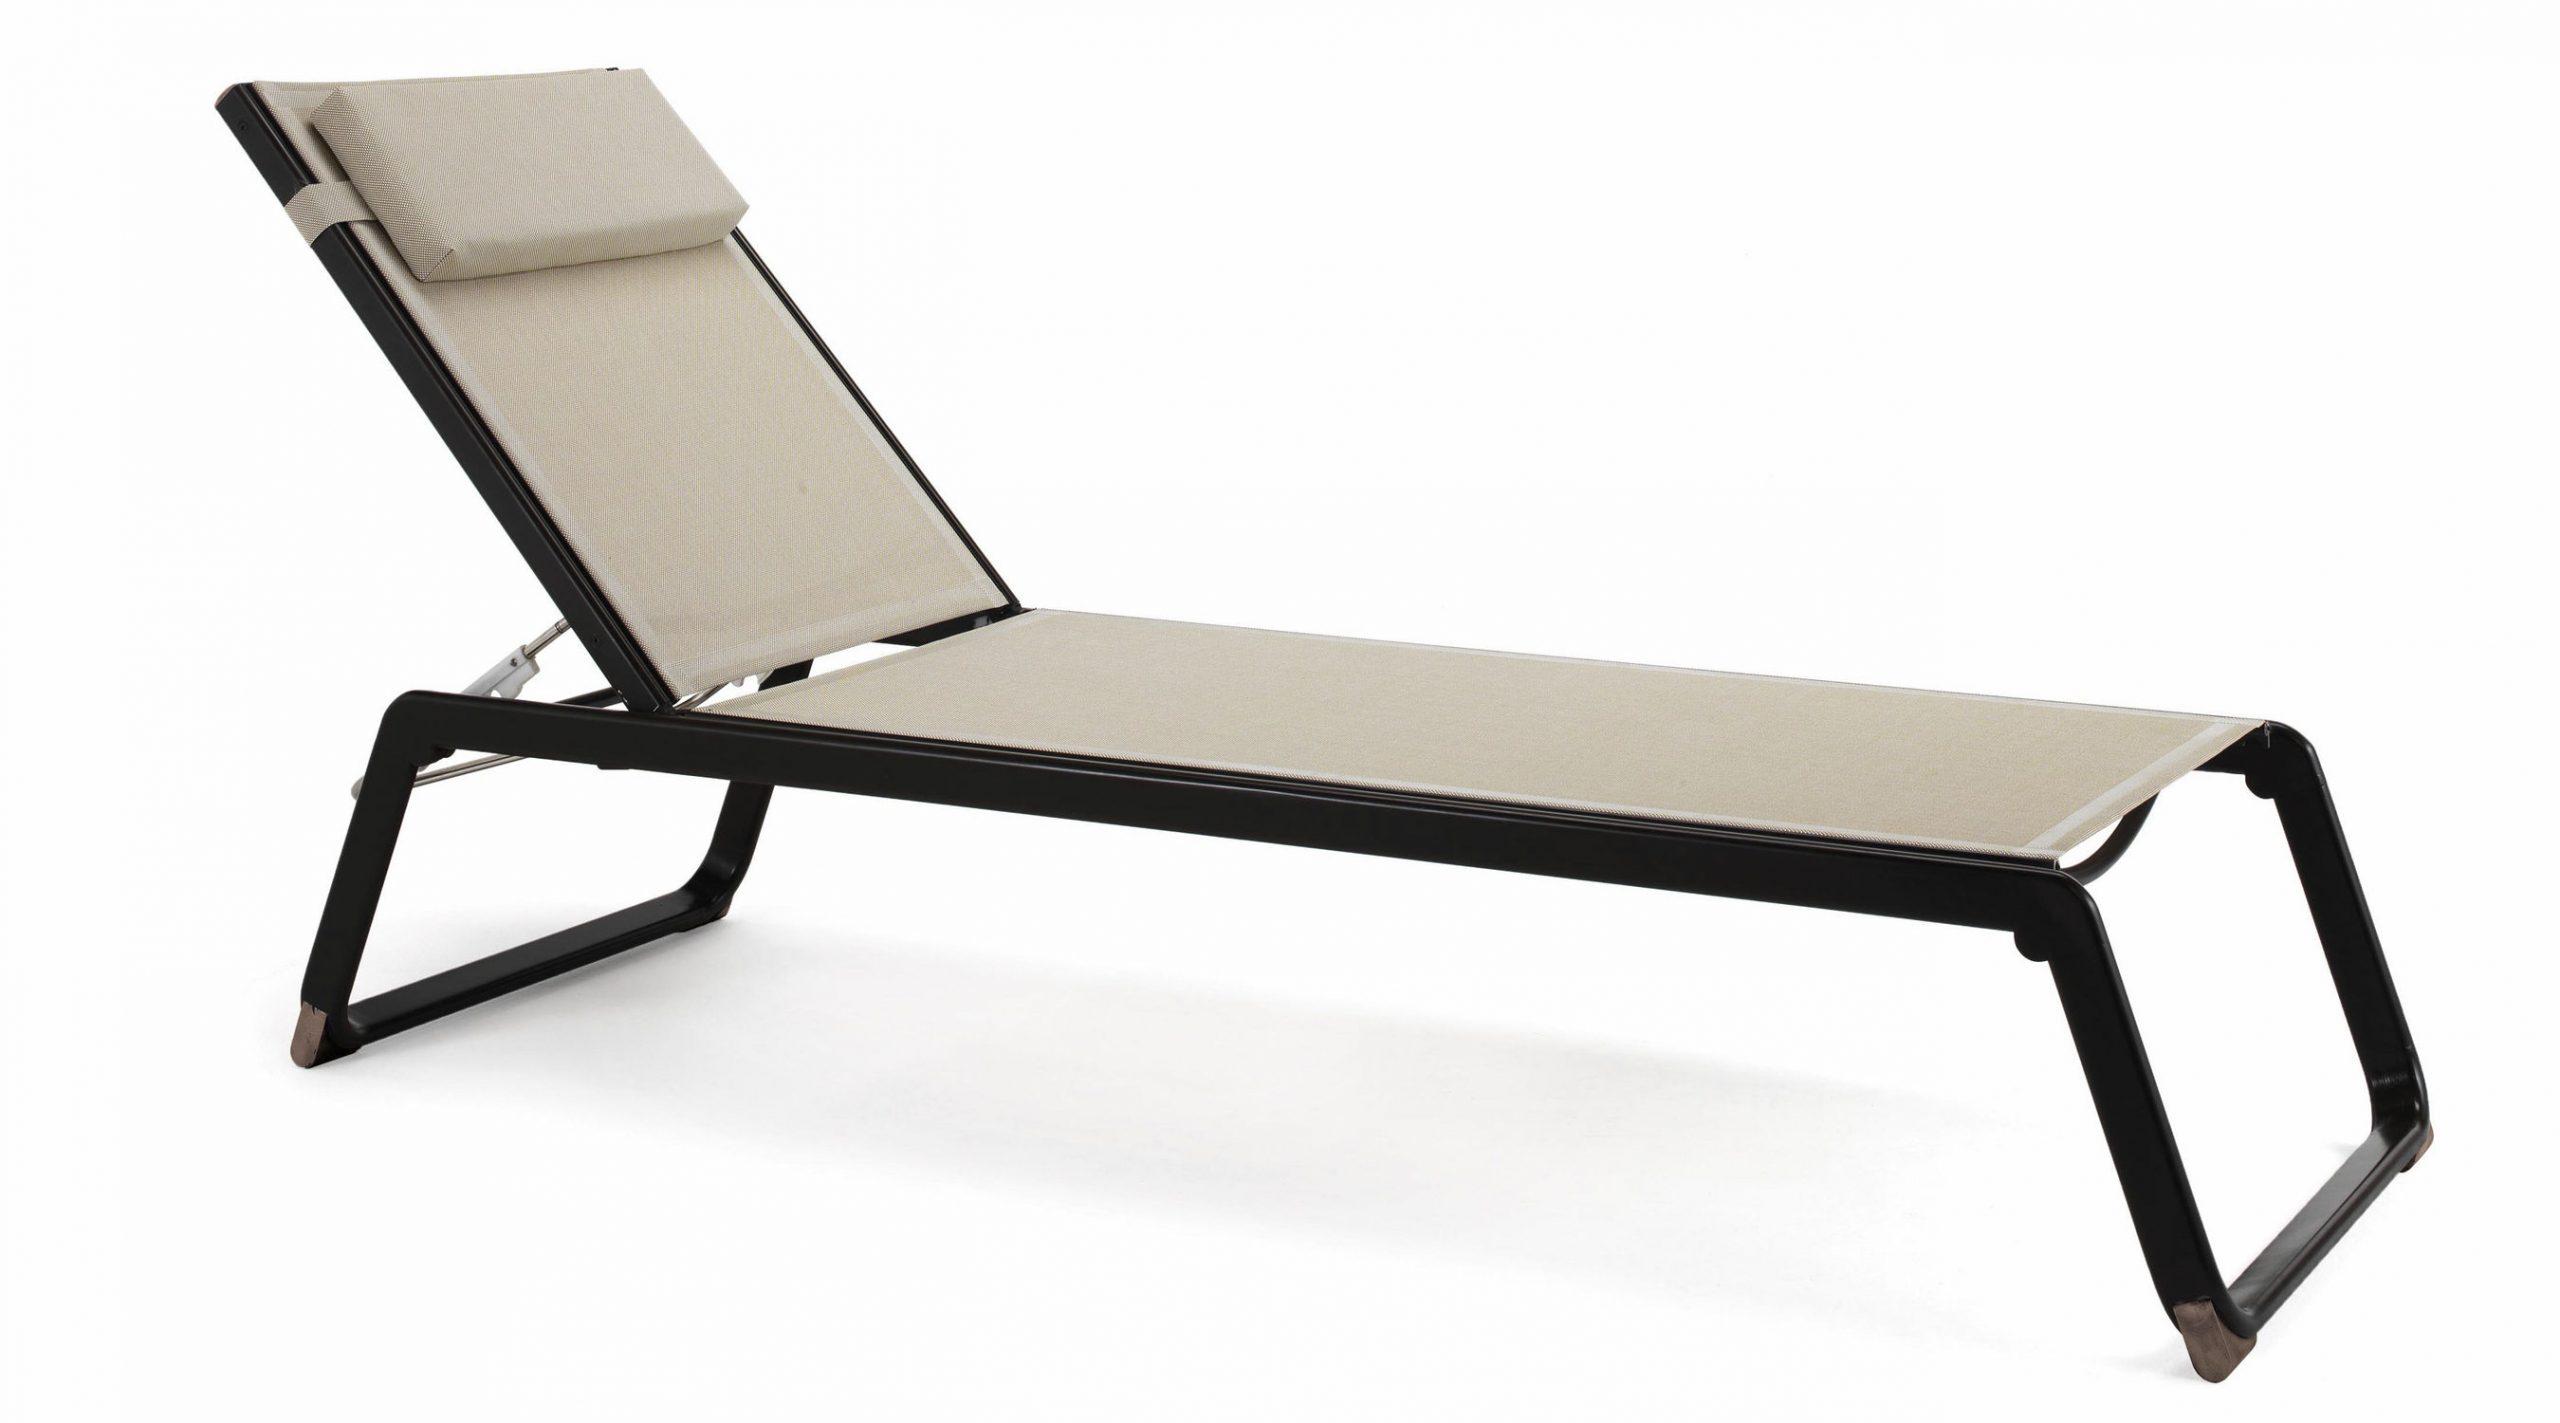 Chaise Pliante Archives - Table Pliante concernant Chaise Longue De Jardin Pas Cher